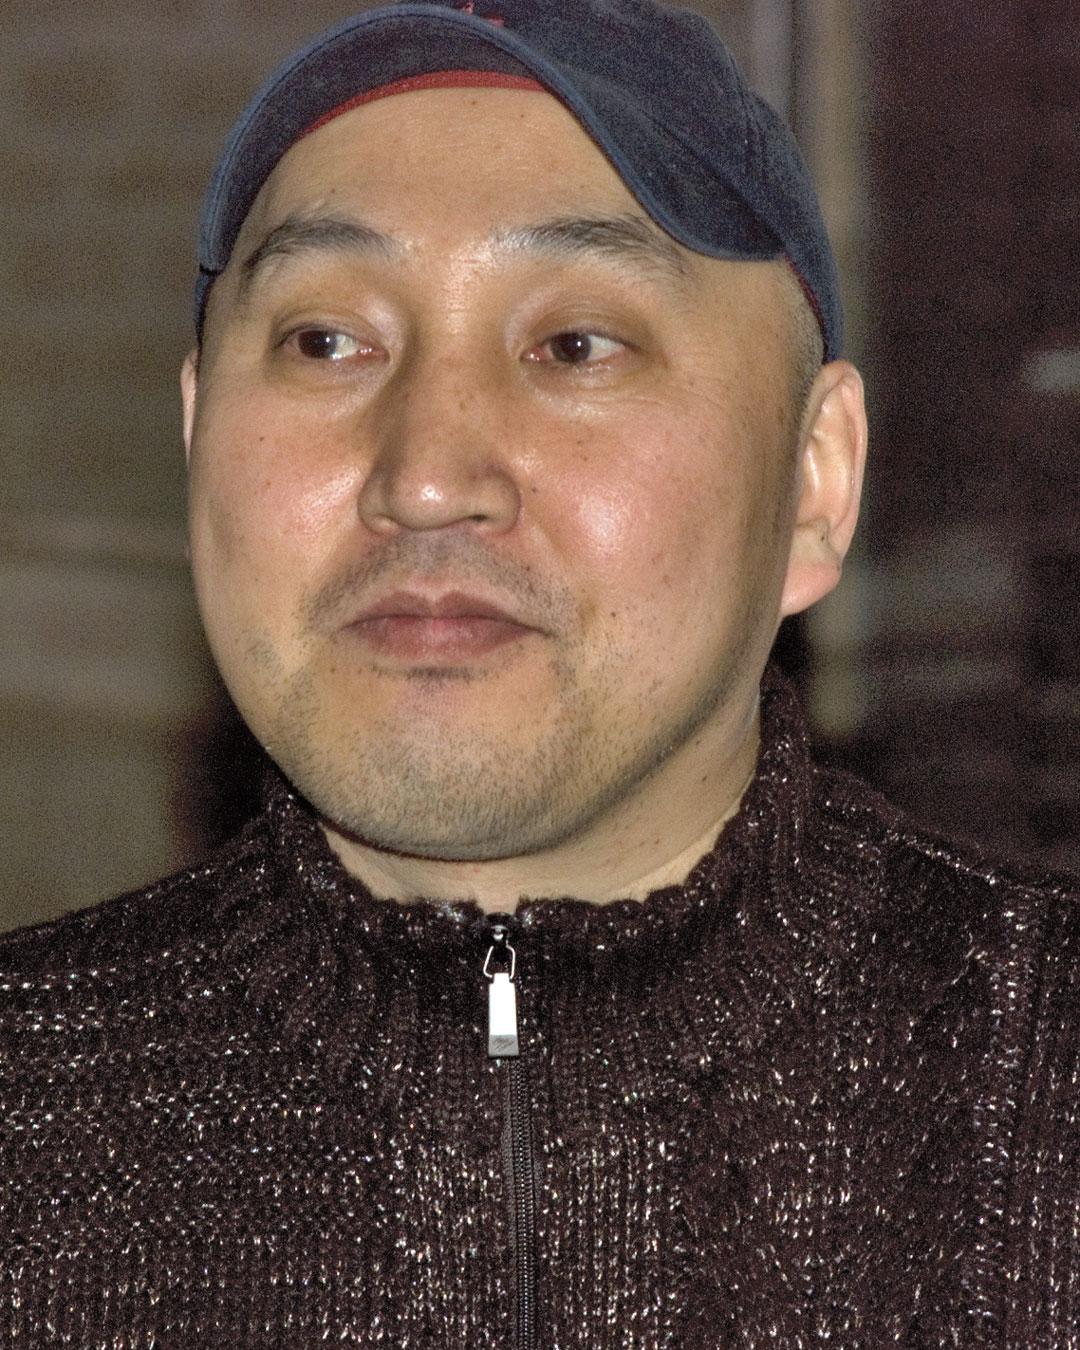 Dongchun Lee, 2010